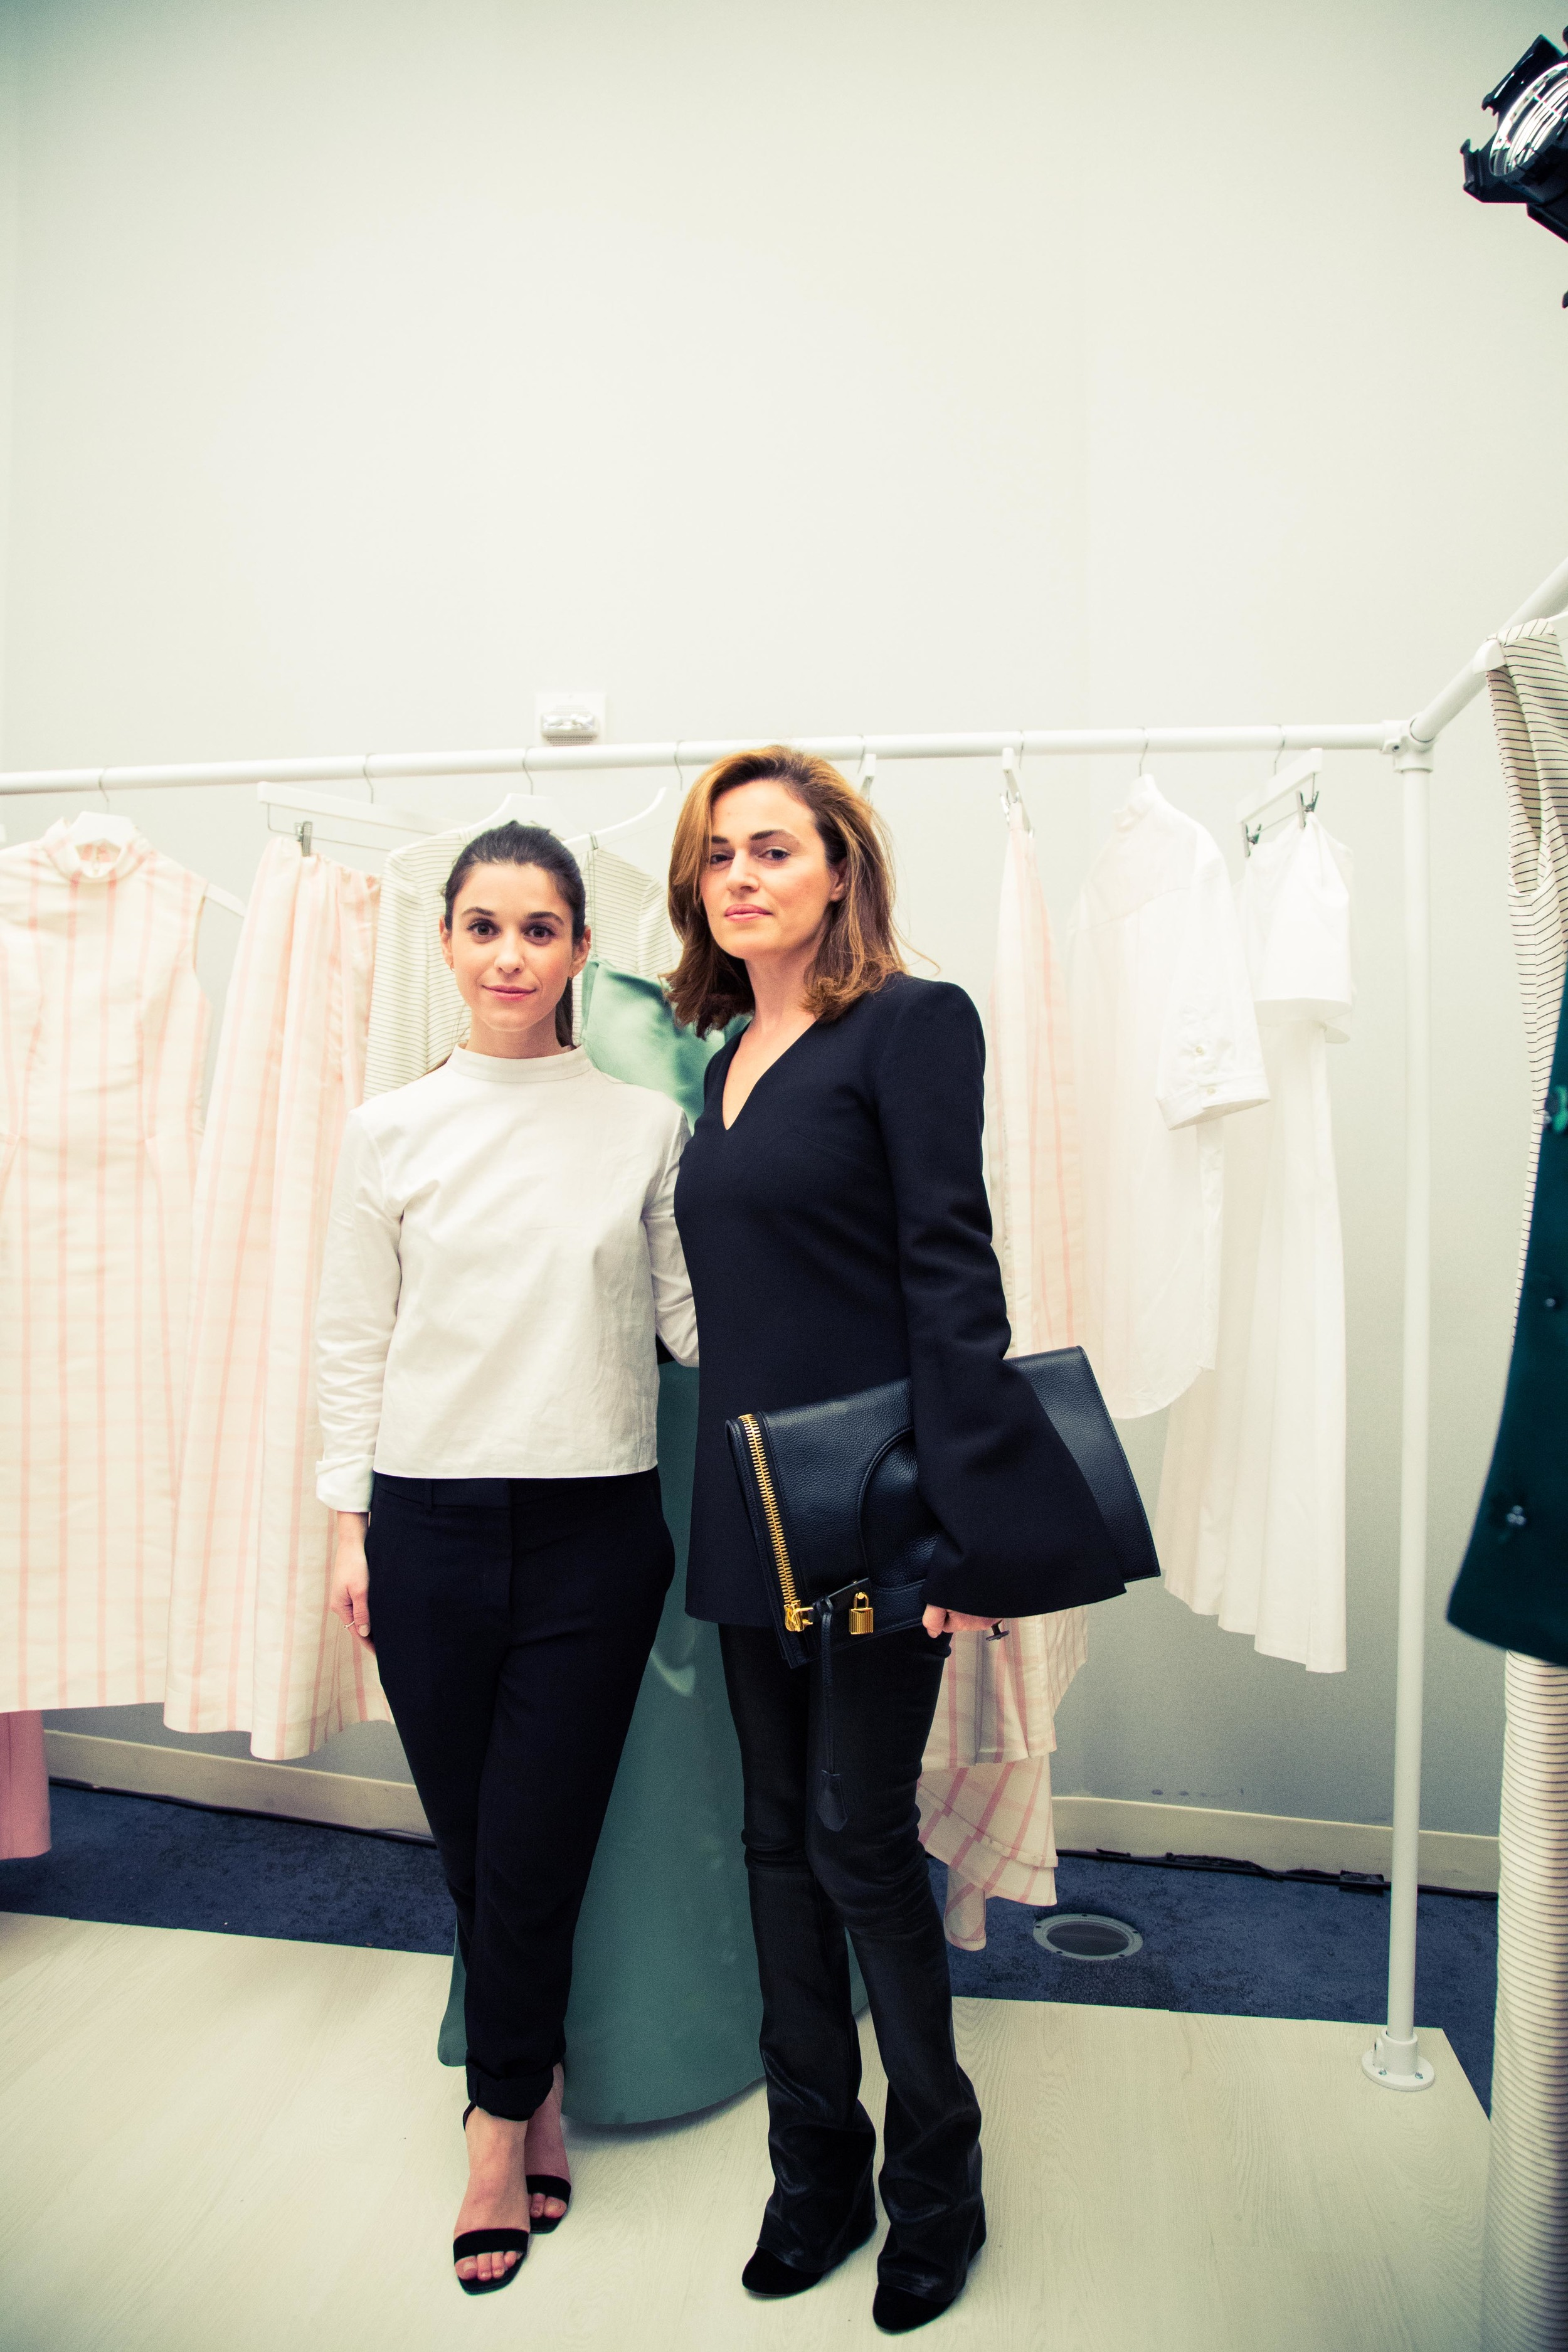 Designer Katie Ermilio and Founder JOLIEGAZETTE, Juliet Belkin. Photo by Adam Beck.